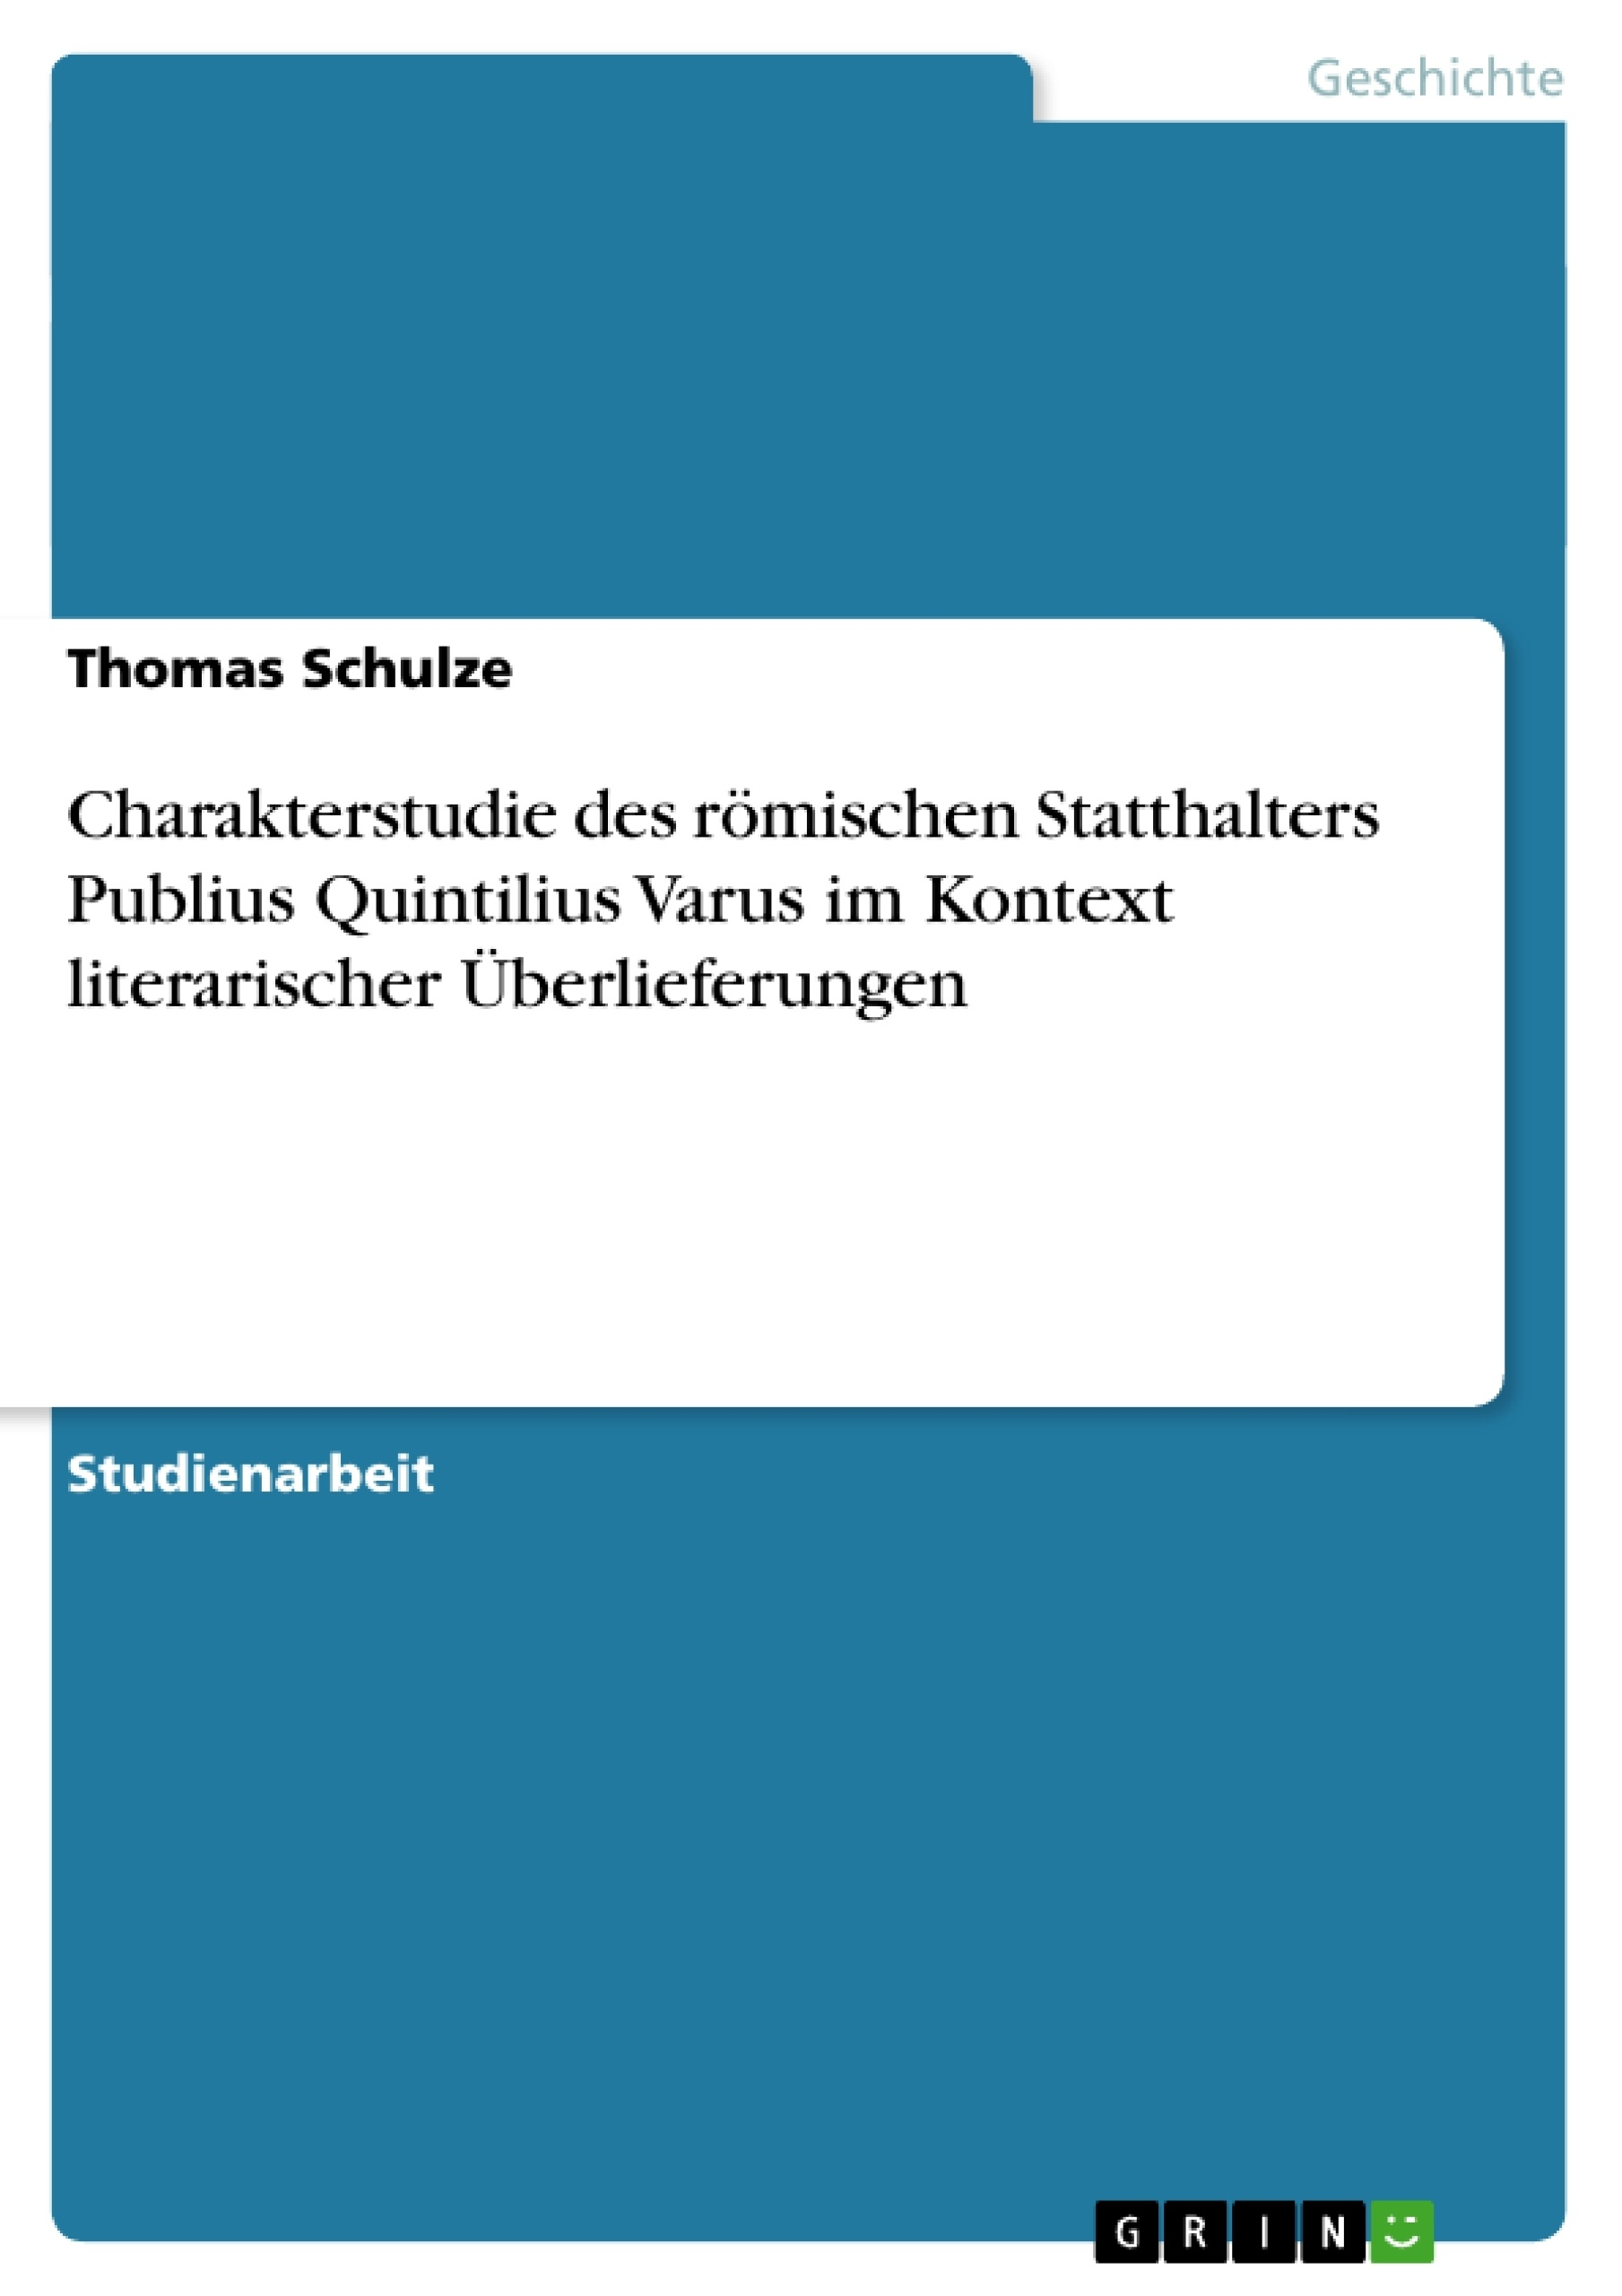 Titel: Charakterstudie des römischen Statthalters Publius Quintilius Varus  im Kontext literarischer Überlieferungen